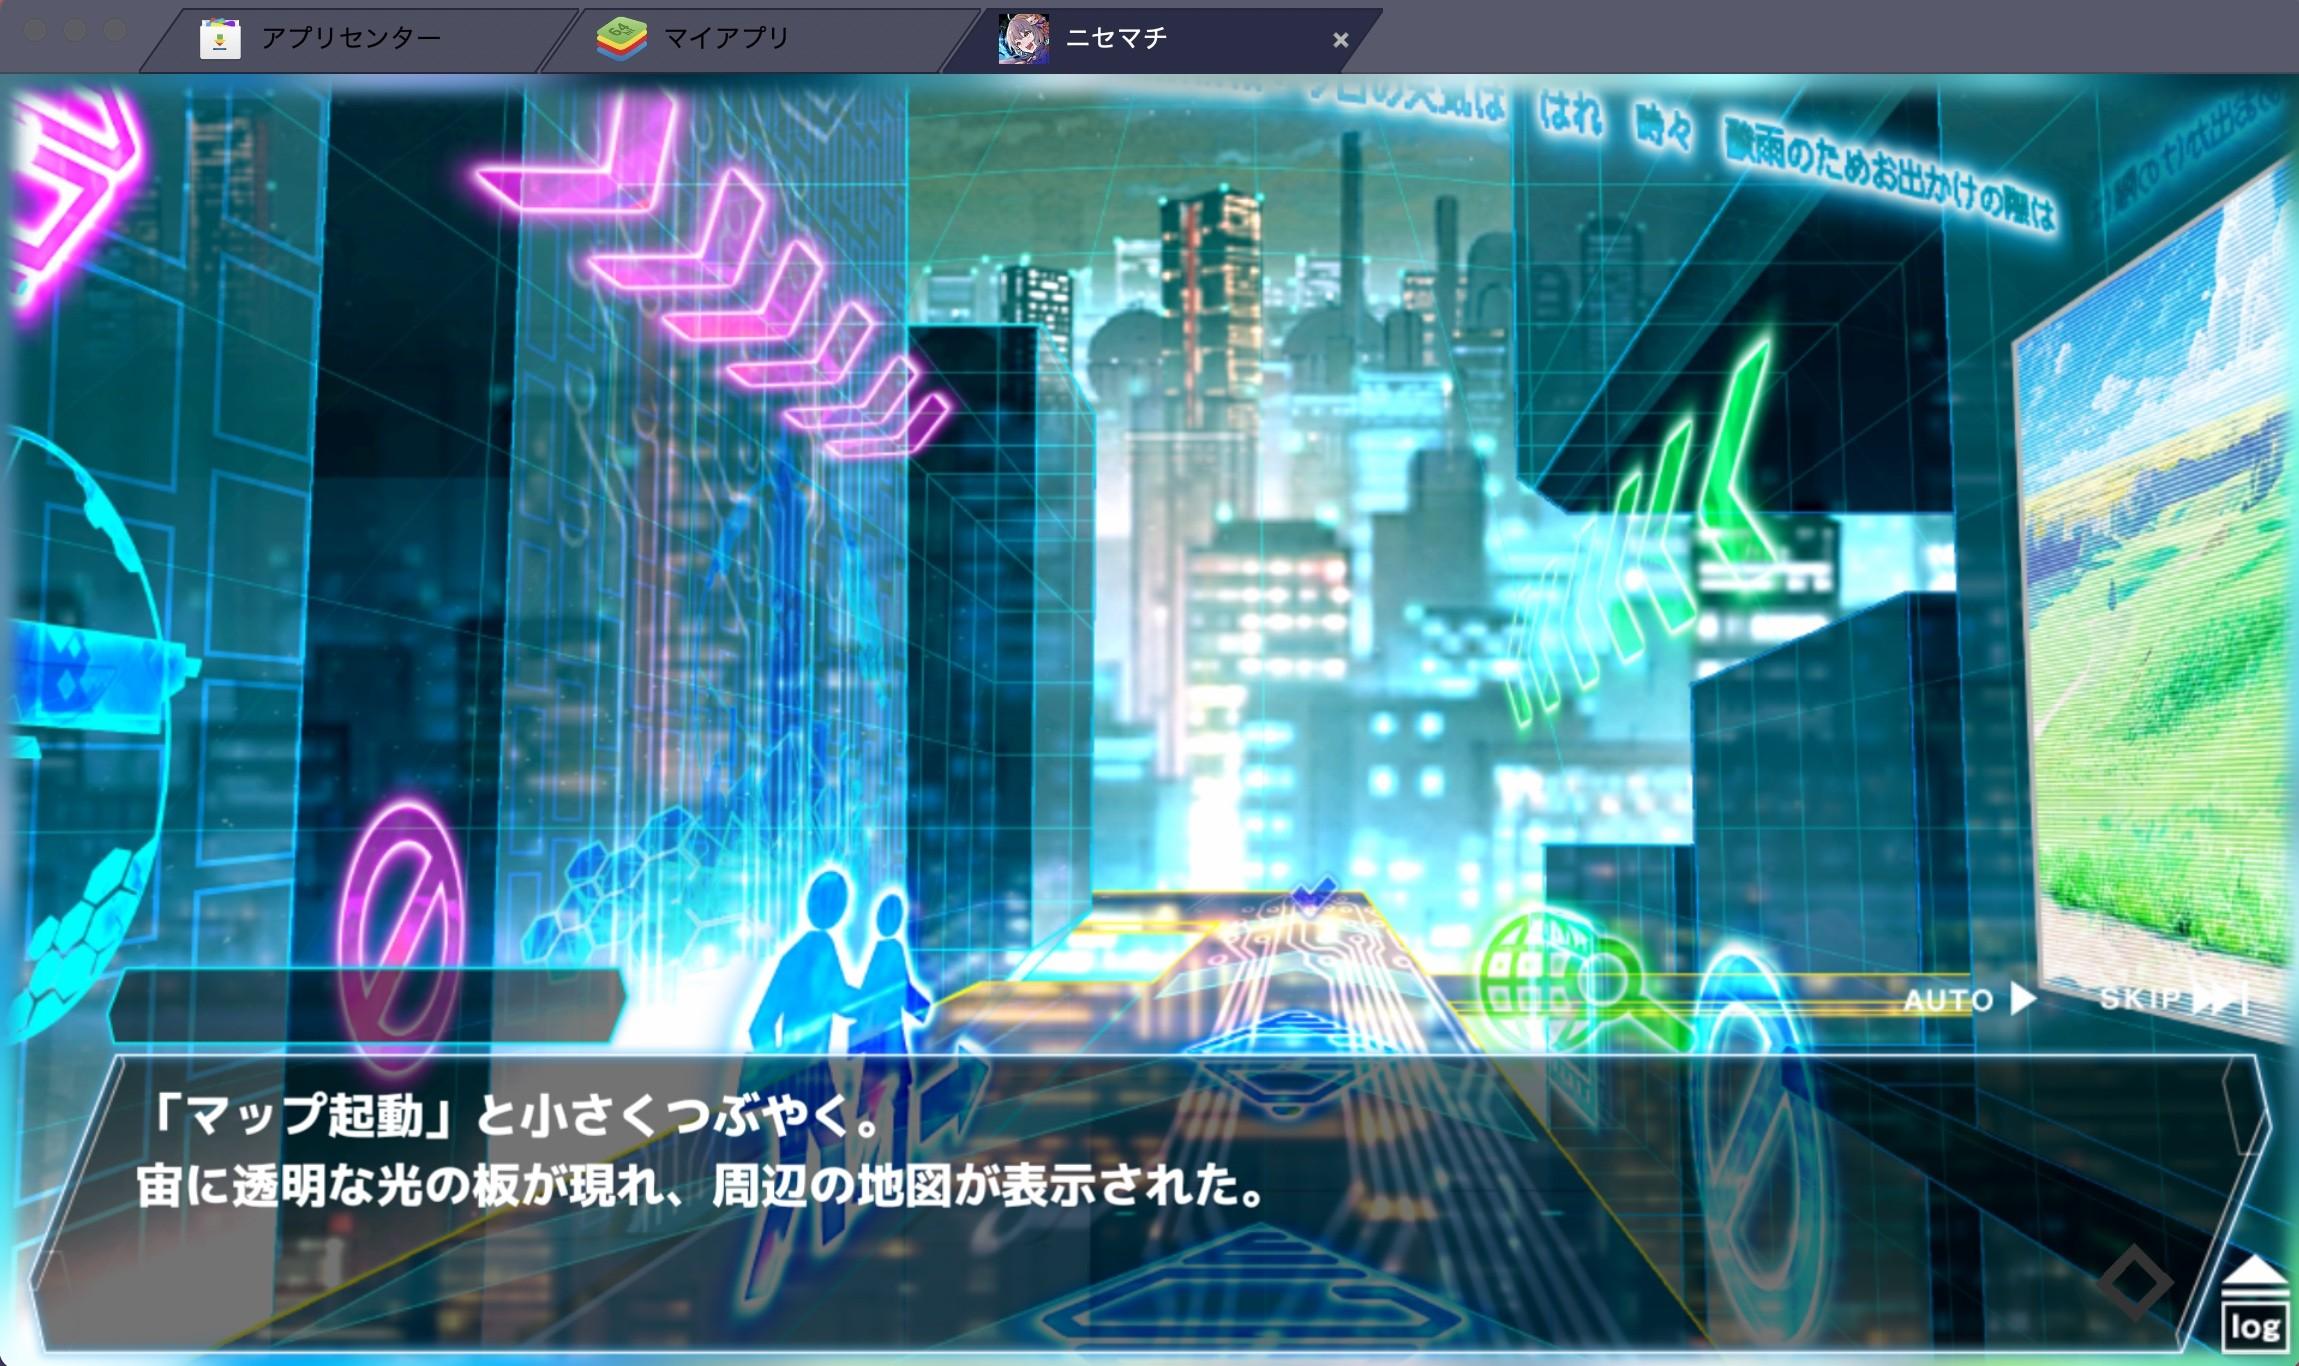 BlueStacksを使ってPCで『偽想少女と虚構の街』を遊ぼう